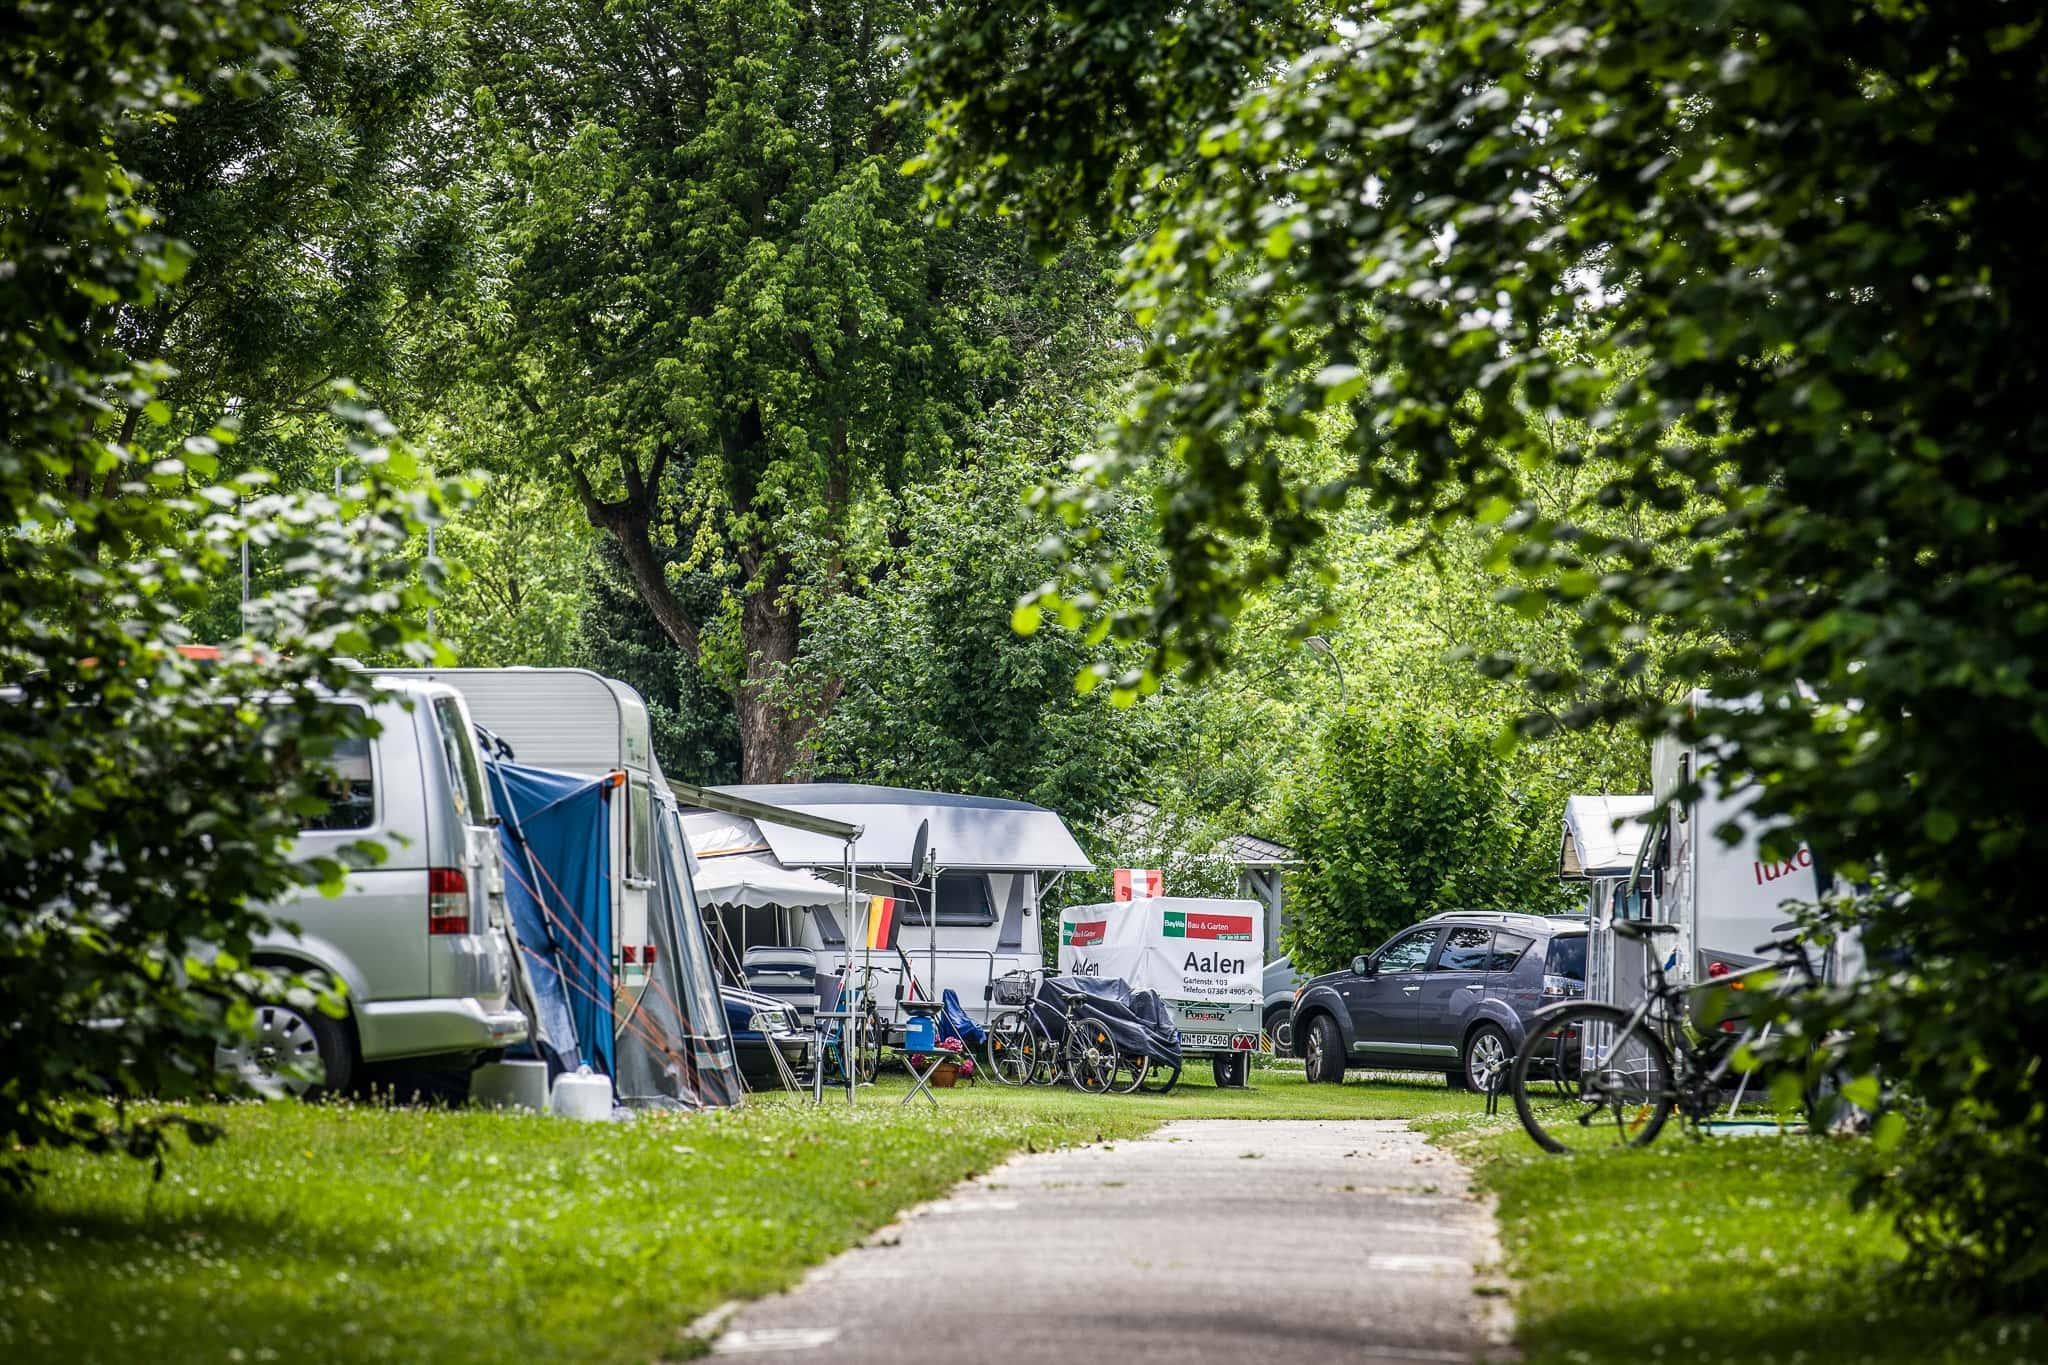 40.000 Quadratmeter und 370 Stellplätze auf unserem Campingplatz